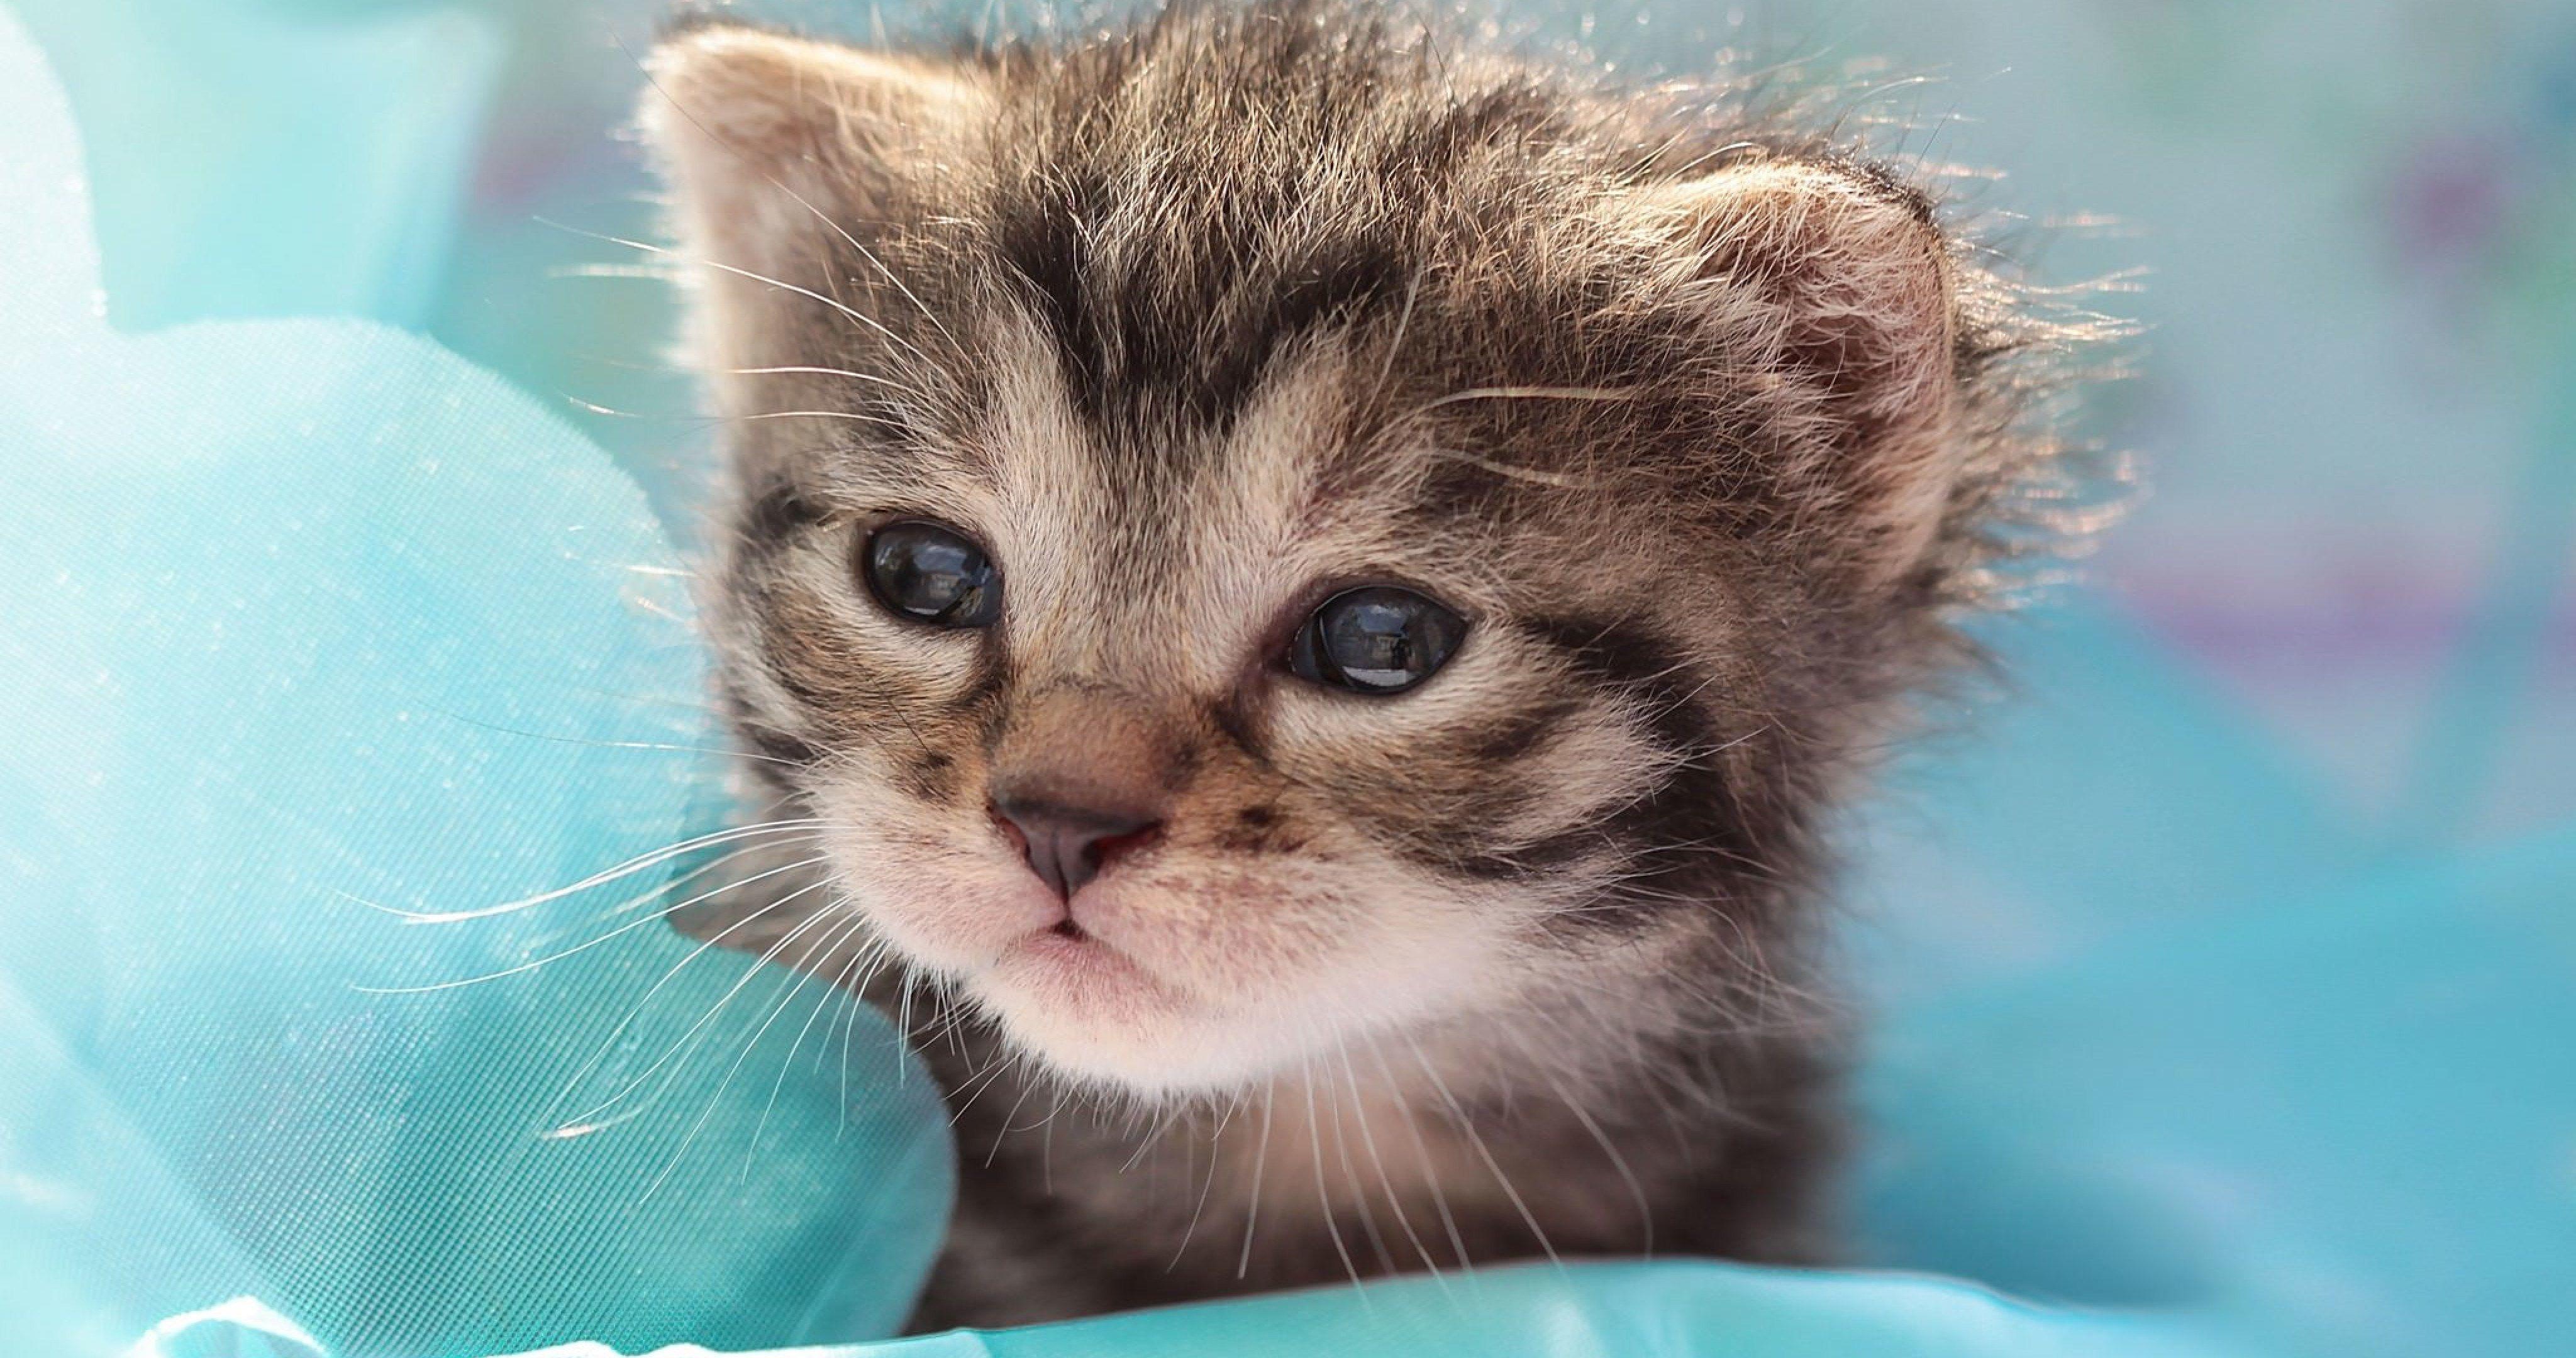 cute cat 4k ultra hd wallpaper Cute kitten gif, Kittens